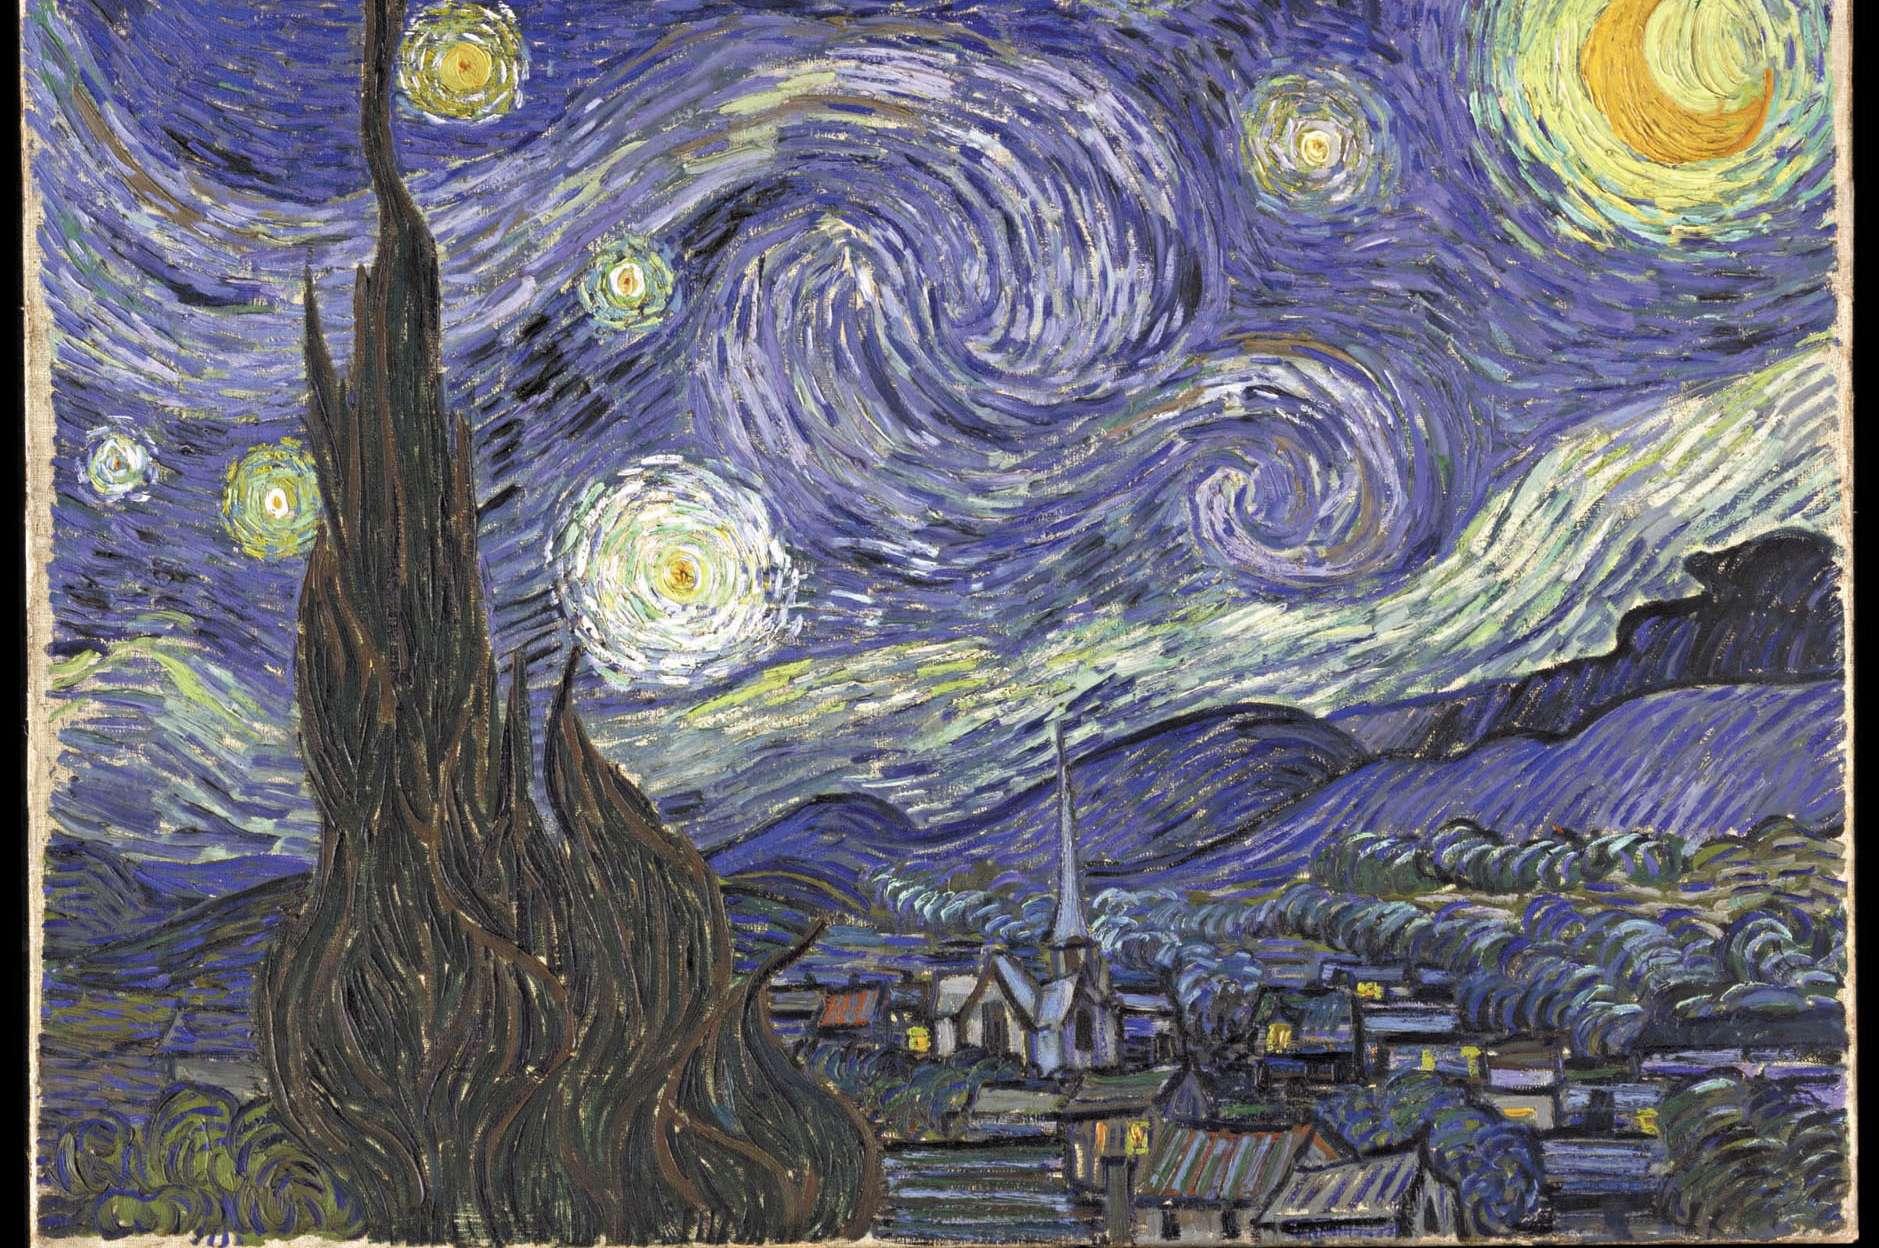 Khám phá những bí ẩn trong tranh của Van Gogh